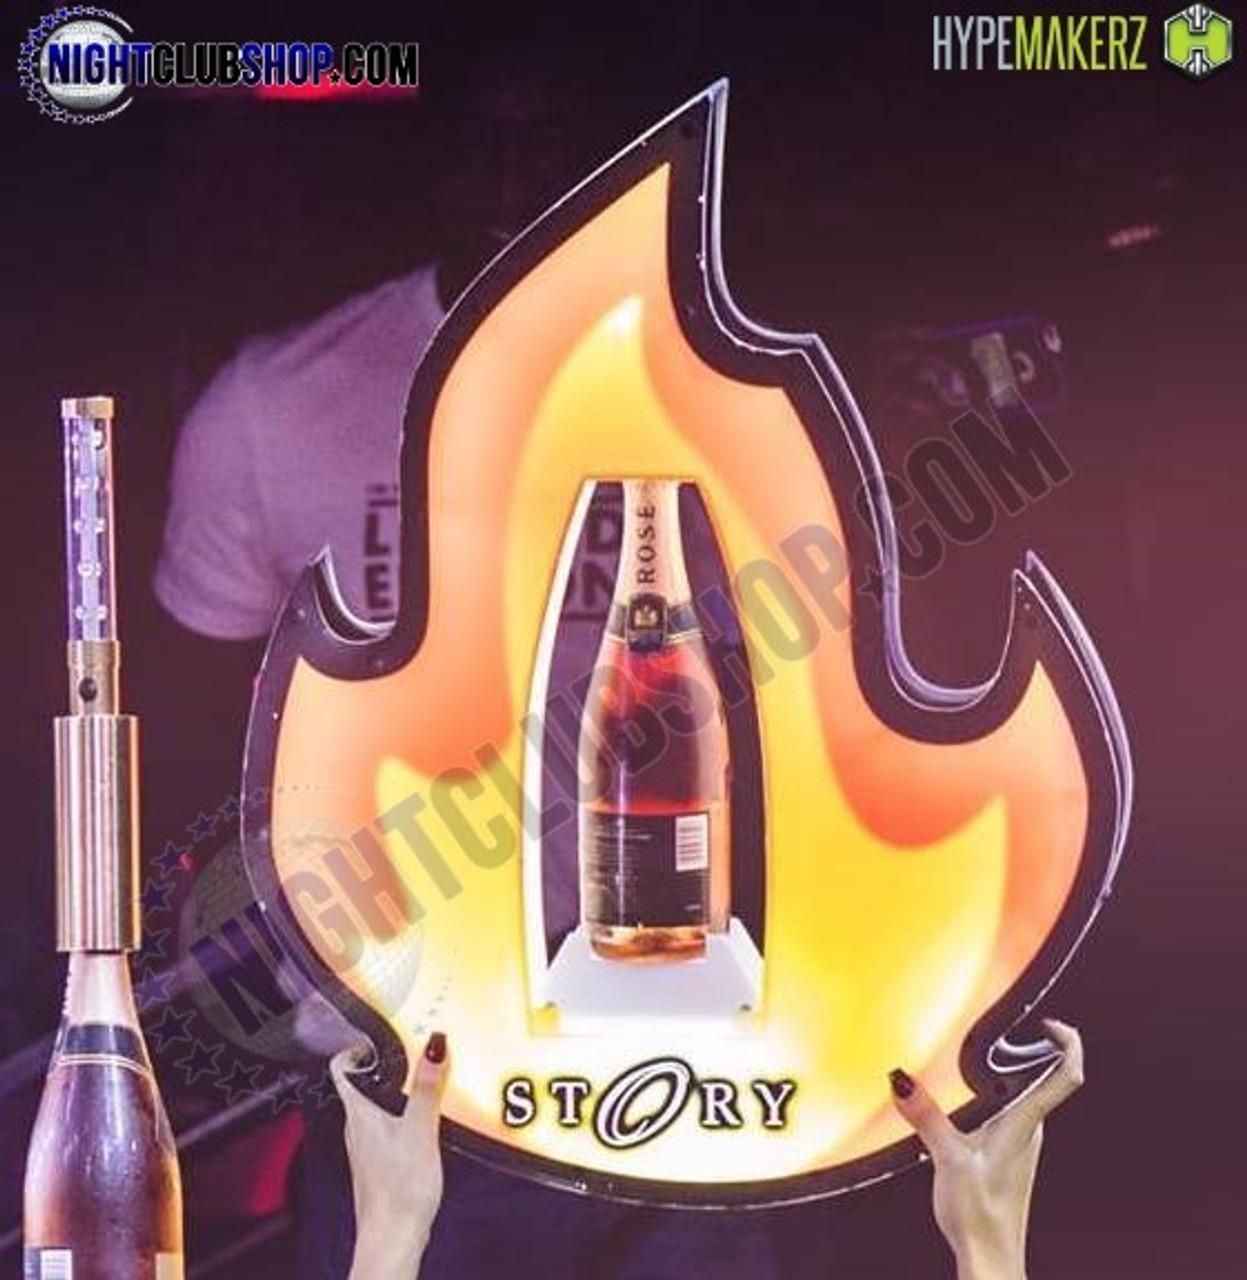 LED, Fire, Flame, Bottle, Presenter, Strobe, Baton, Liquor, Holder, VIP, Huge, Enormous, Gigantic, heat